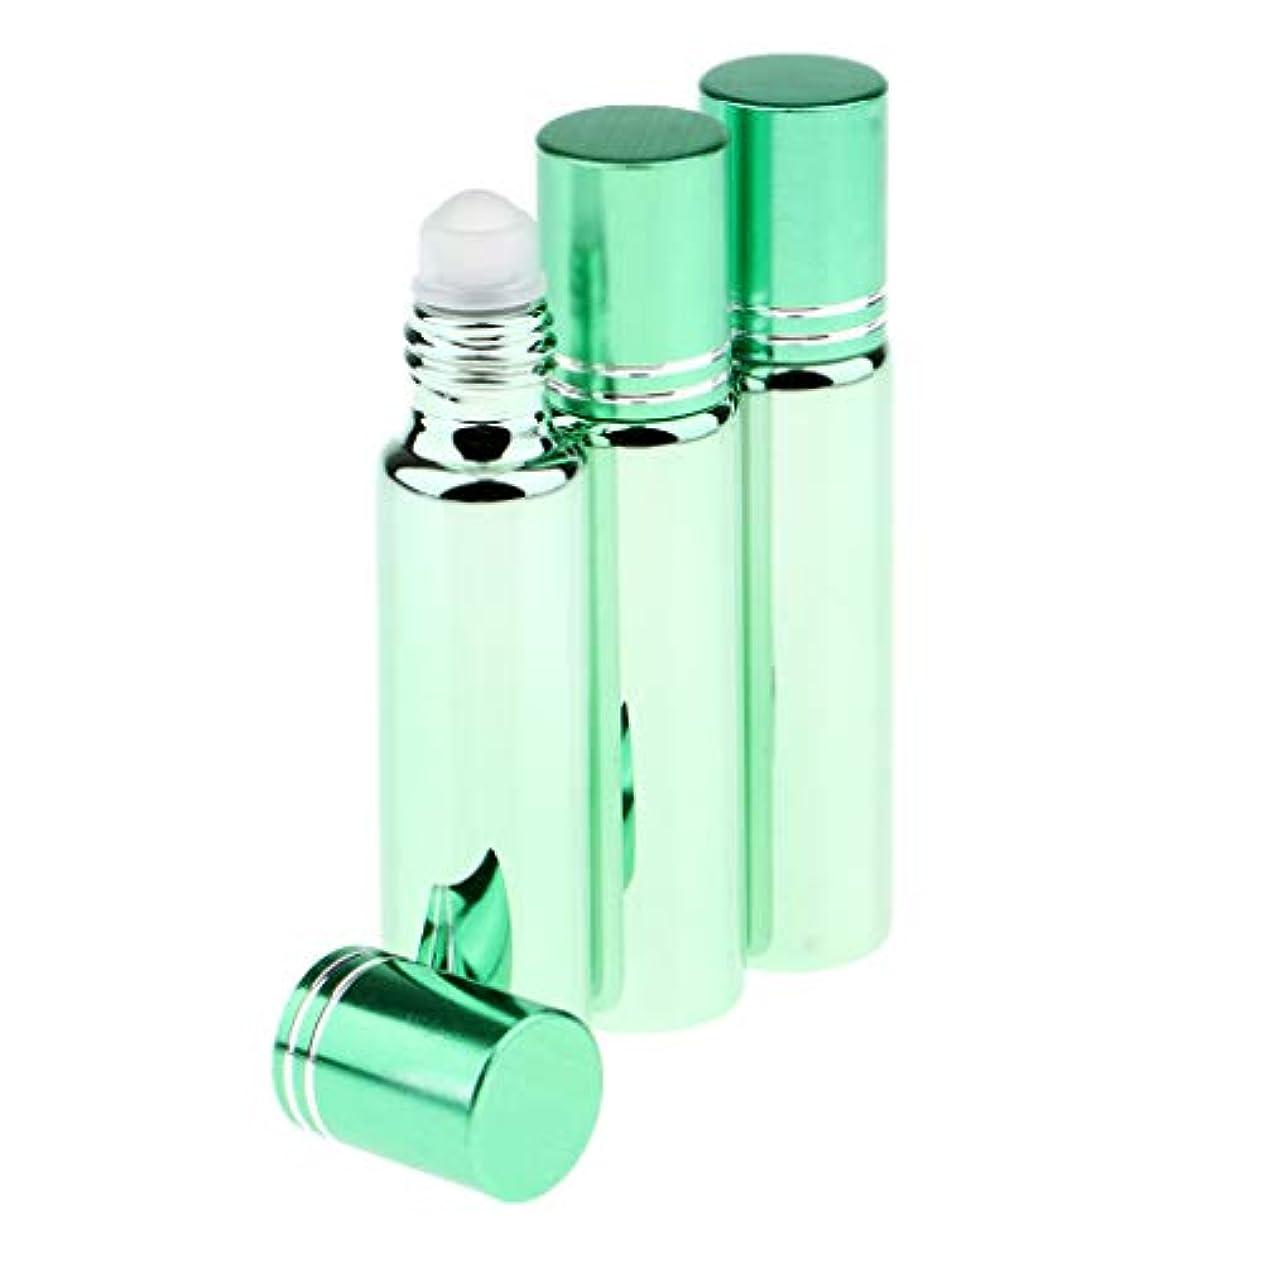 ヘロイン発表するマウントバンク3個 空 詰め替え式容器 精油ボトル ローラーボトル 携帯用 旅行小物 出張 お泊まり用 全5色 - 緑